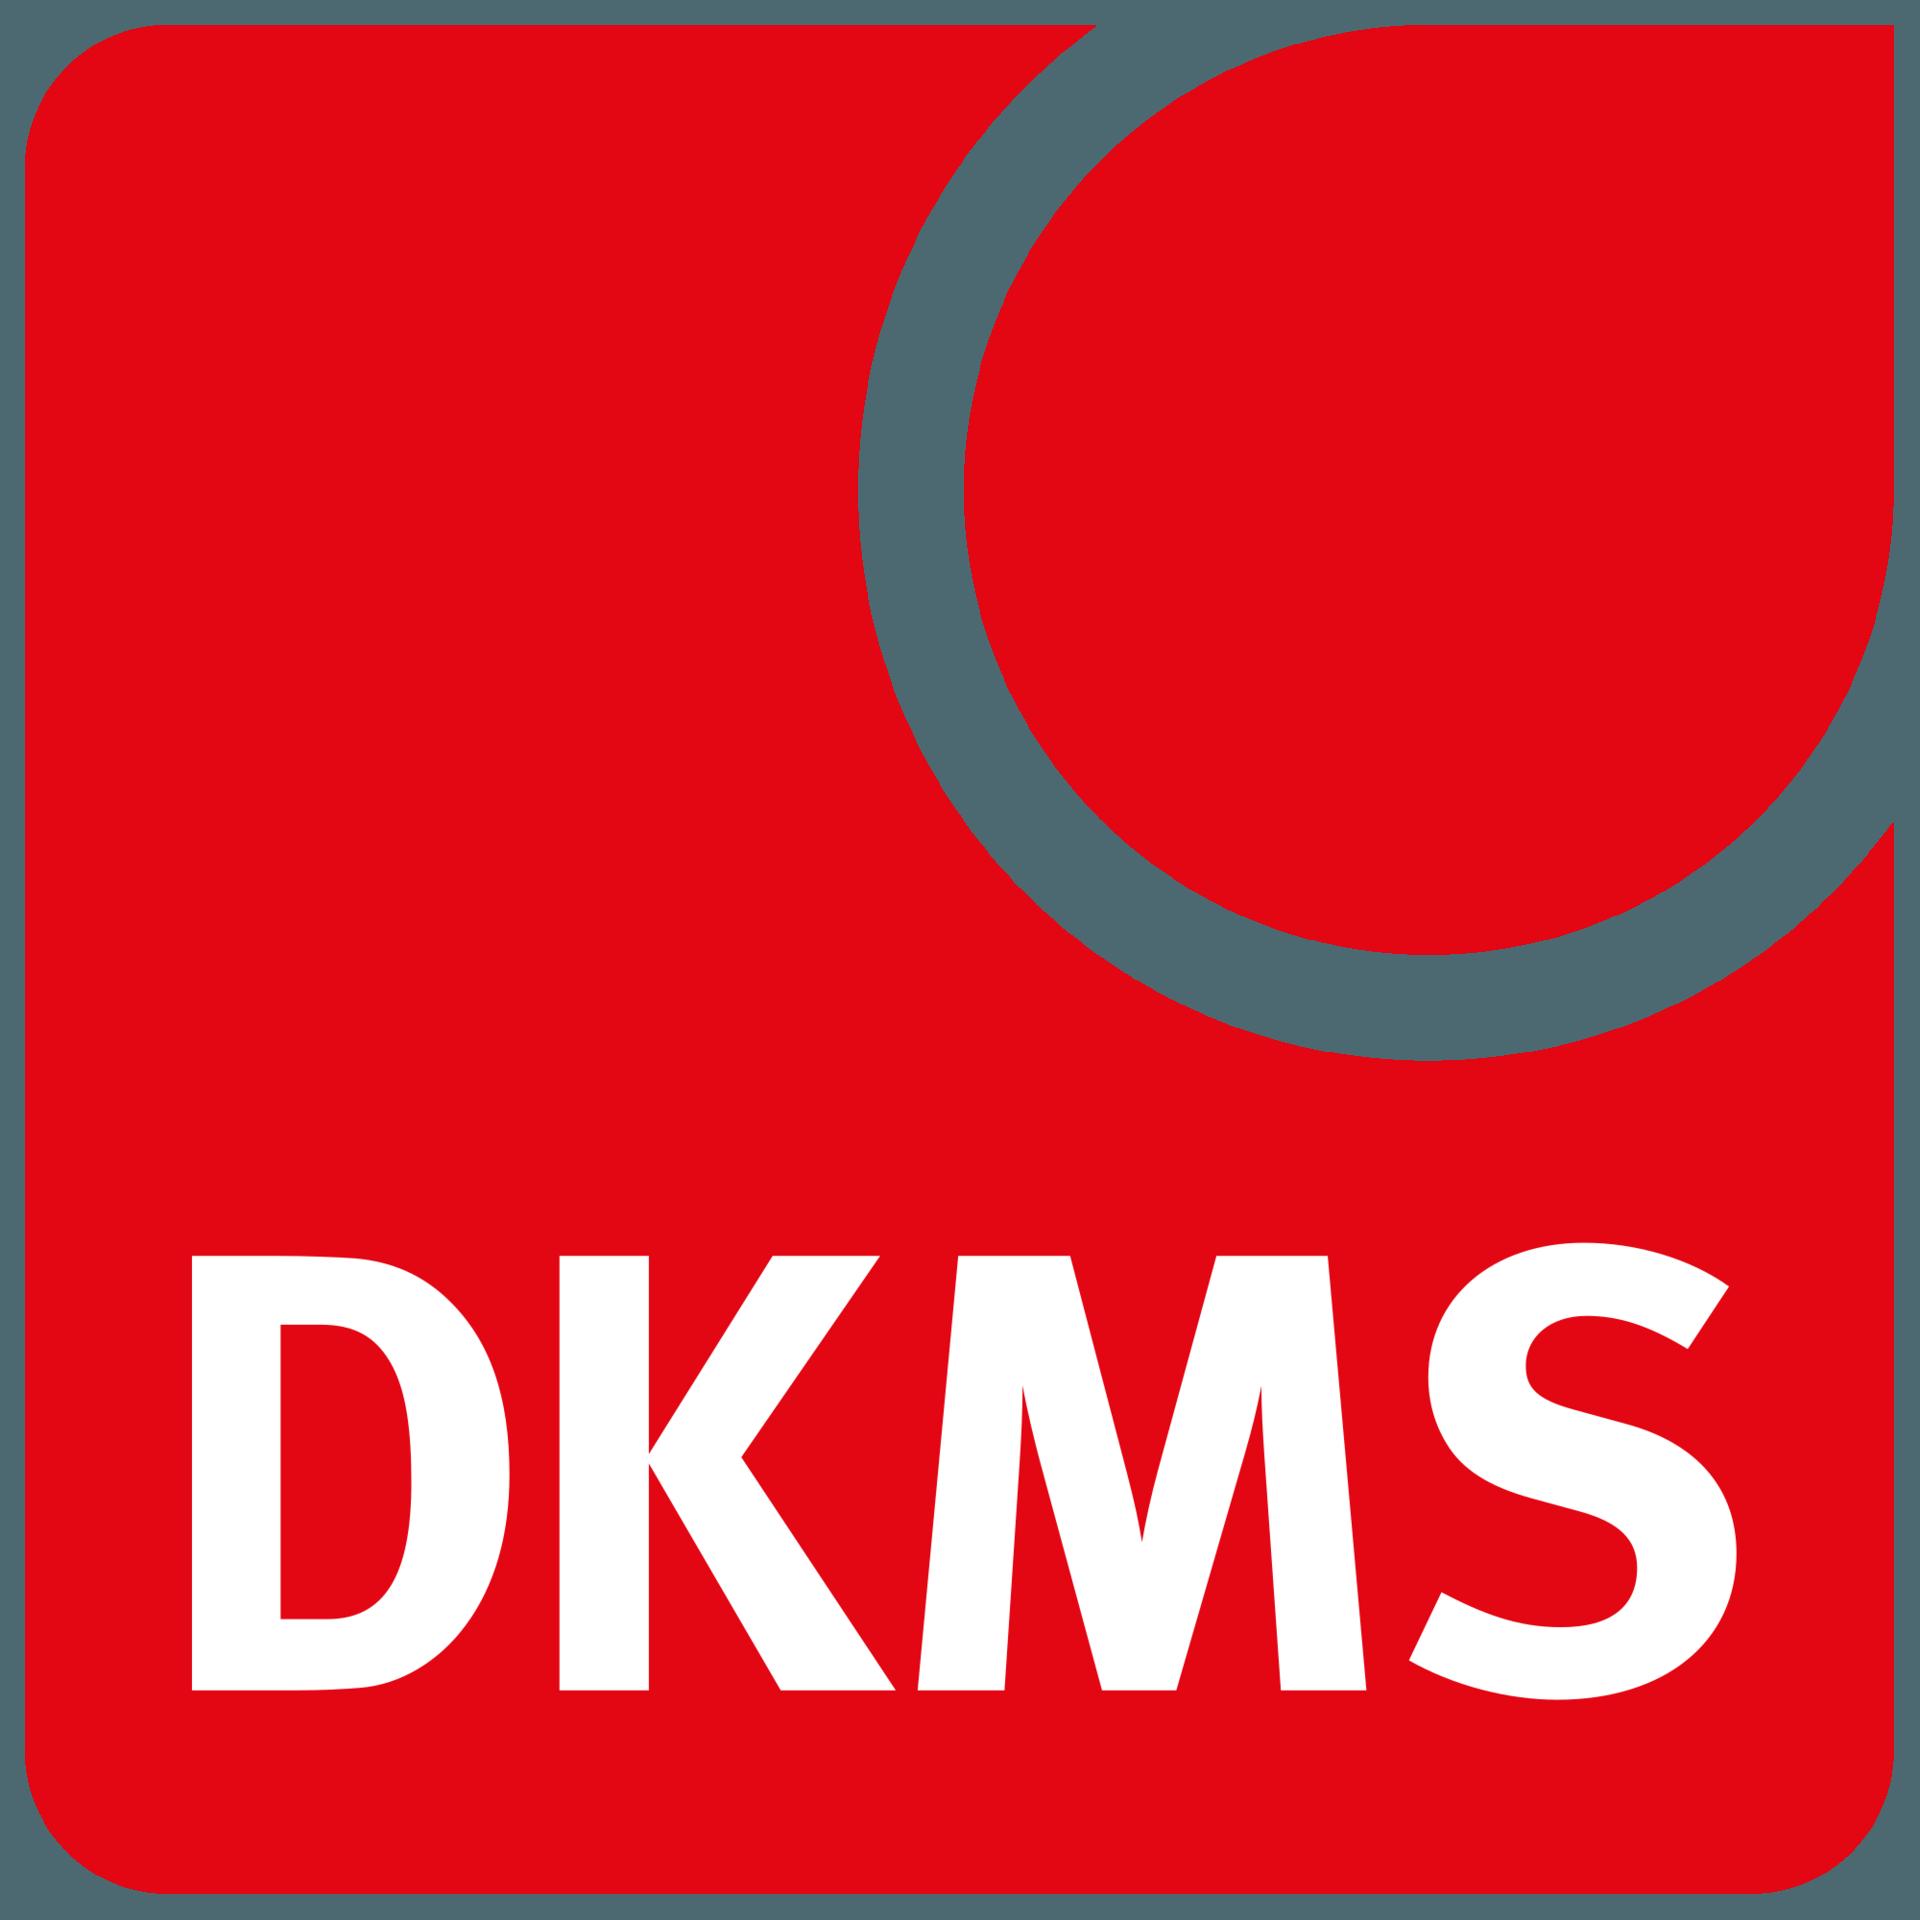 https://www.prografix.de/wp-content/uploads/2019/01/DKMS.png